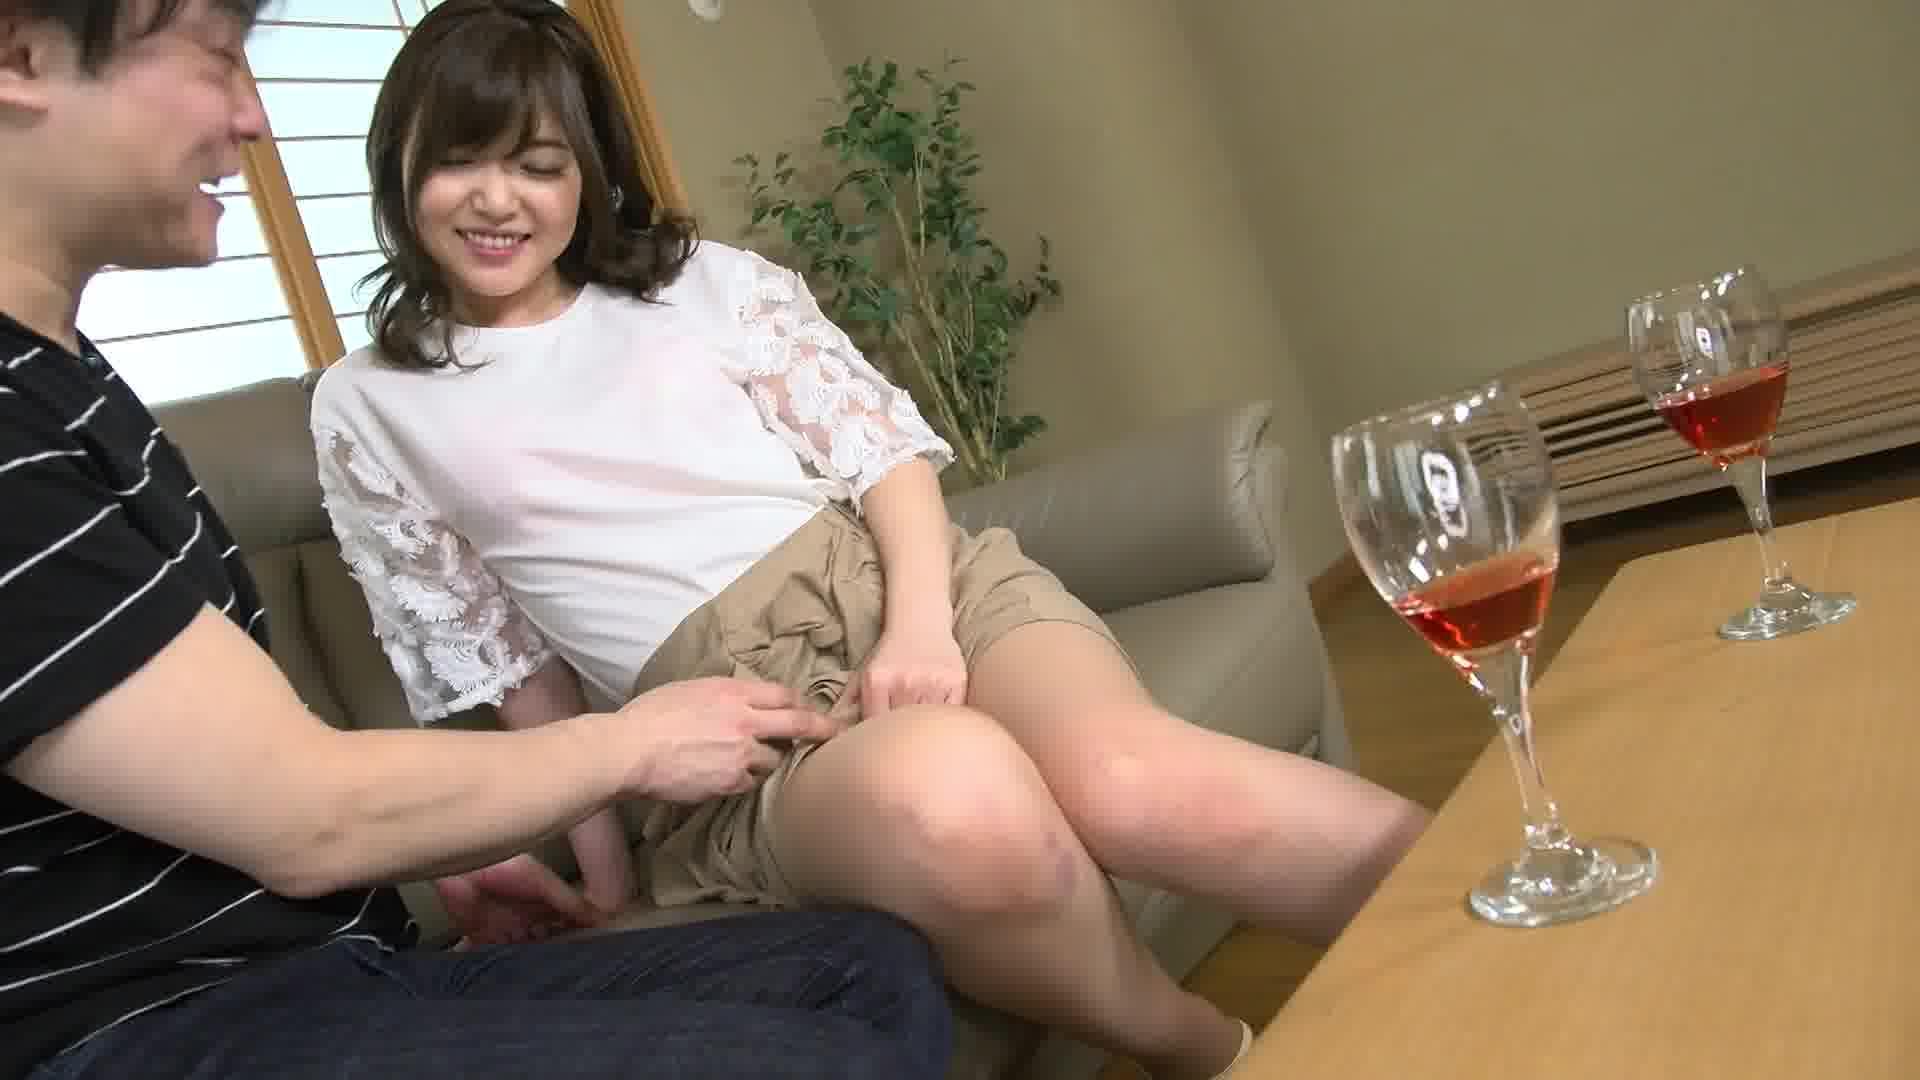 飲み姿エロイイGP ~急ピッチでビッチ化したお股がユルすぎるんじゃ~ - 碧しの【美乳・スレンダー・中出し】